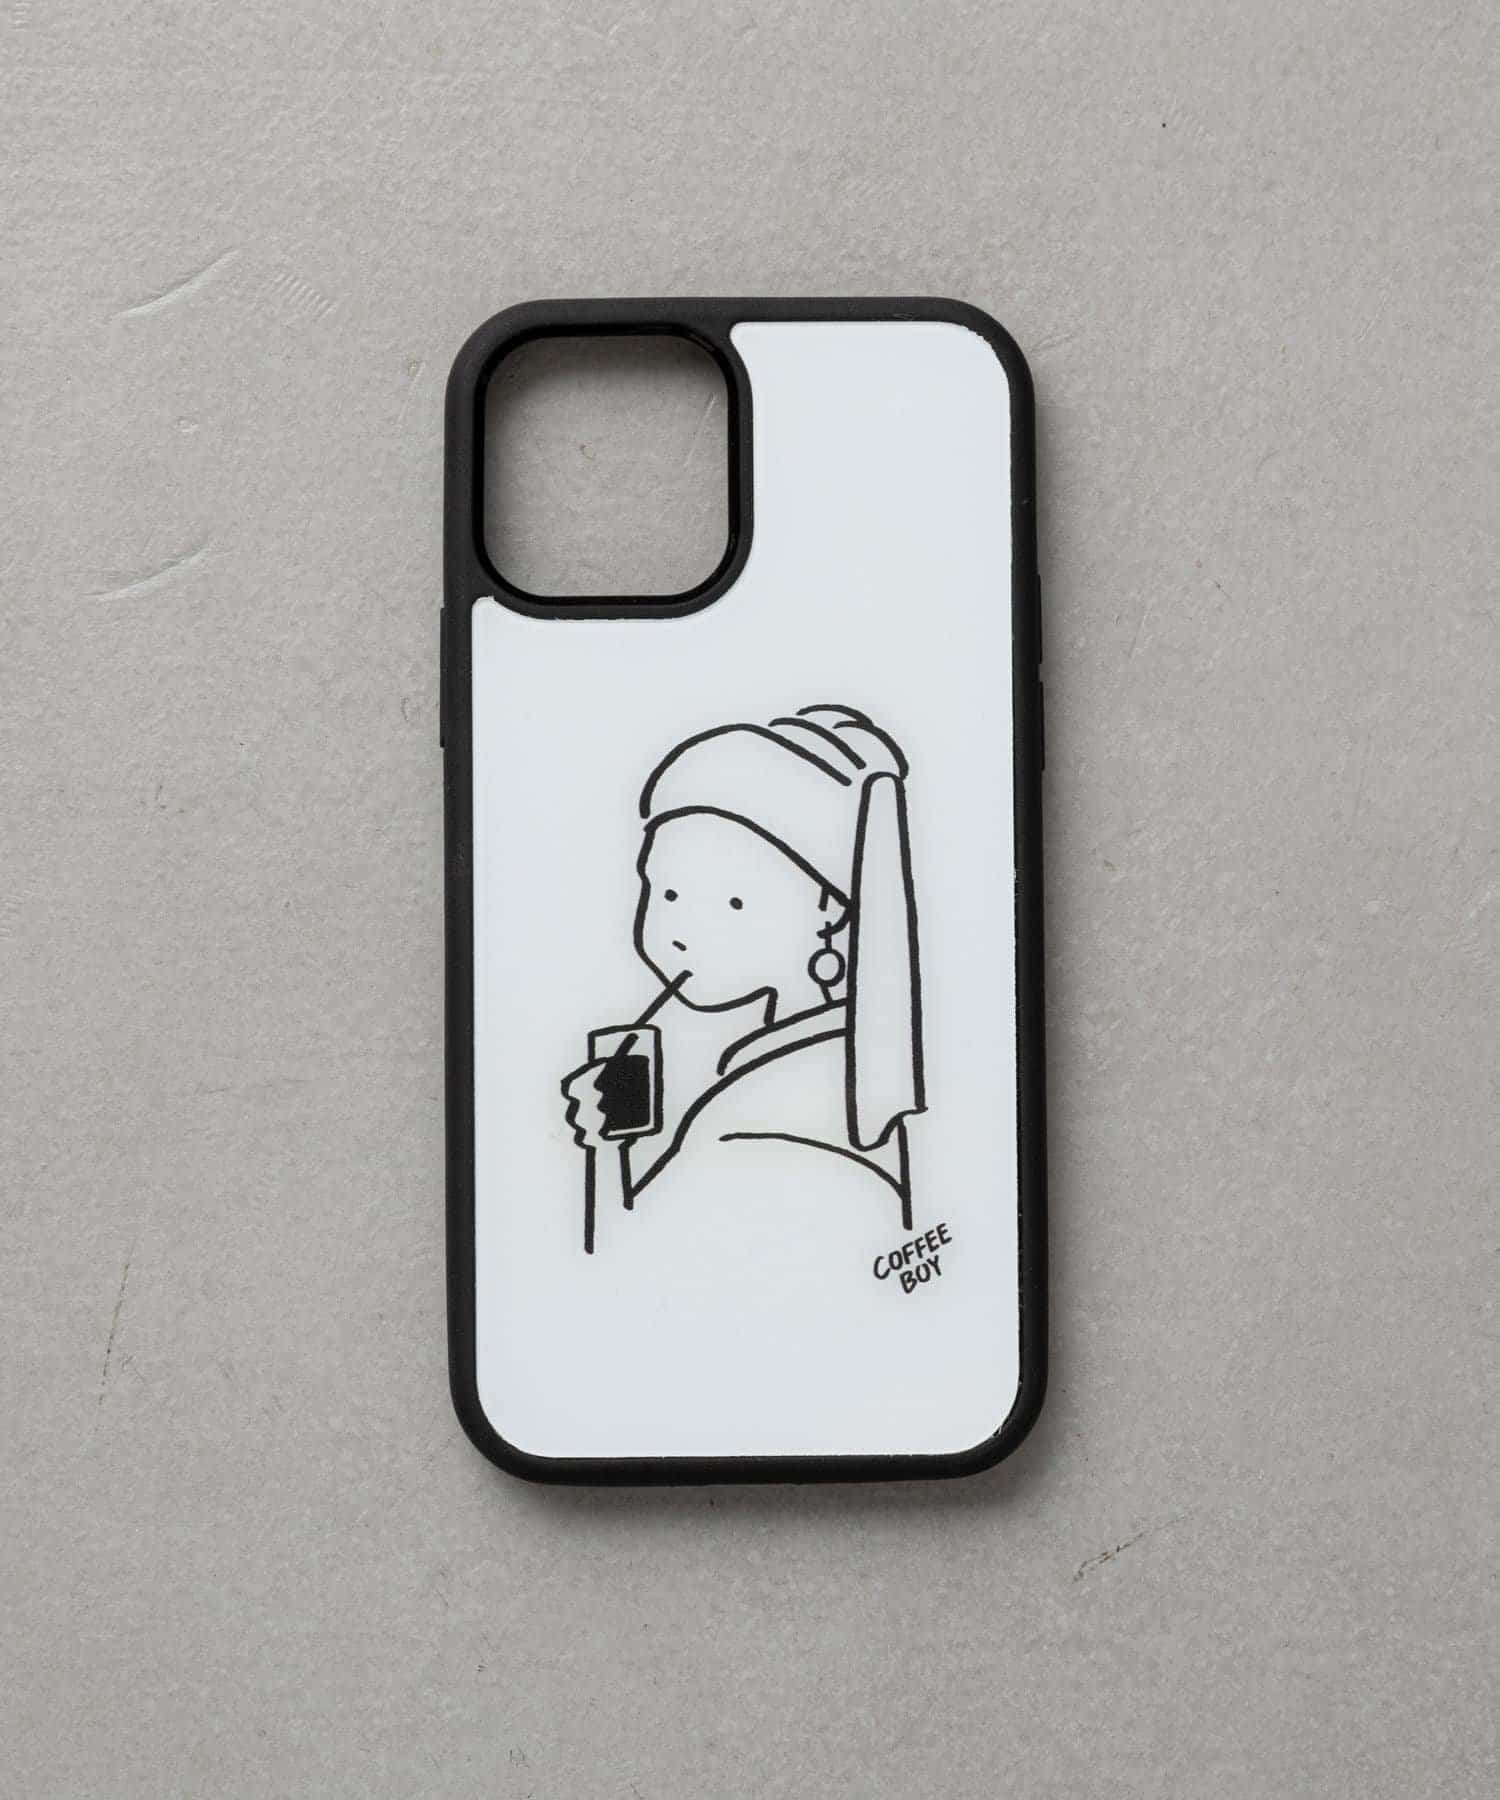 BIRTHDAY BAR(バースデイバー) レディース 【受注予約】COFFEE BOY iPhoneケース その他6